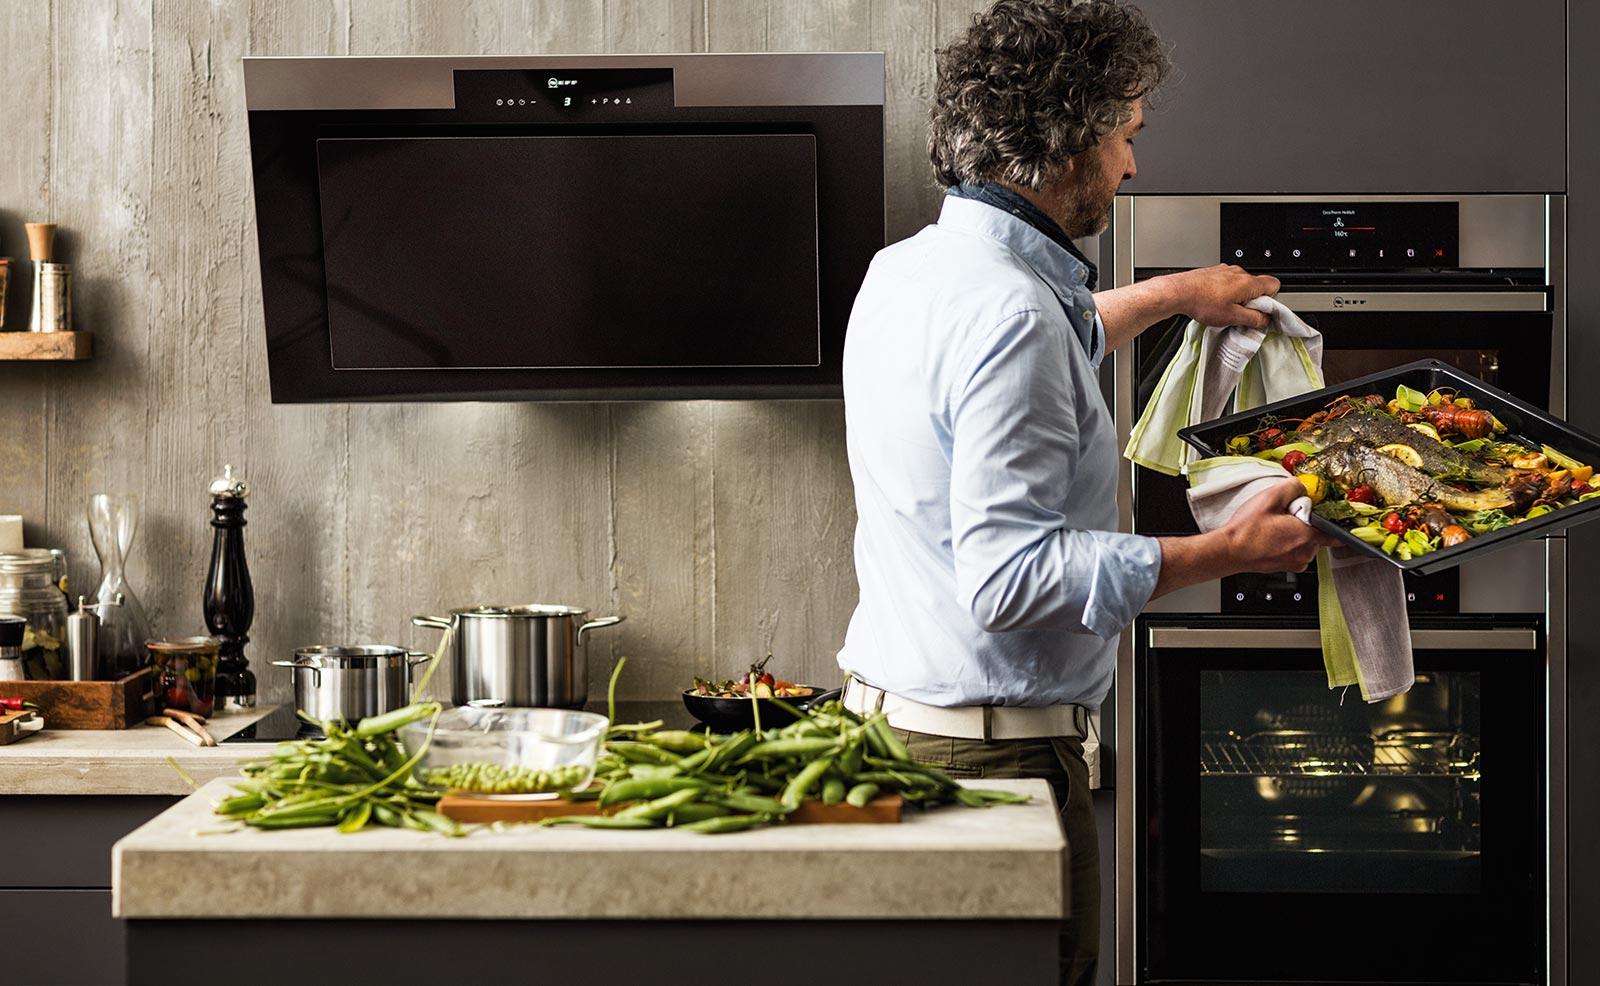 Lifestyle Kitchen Appliances